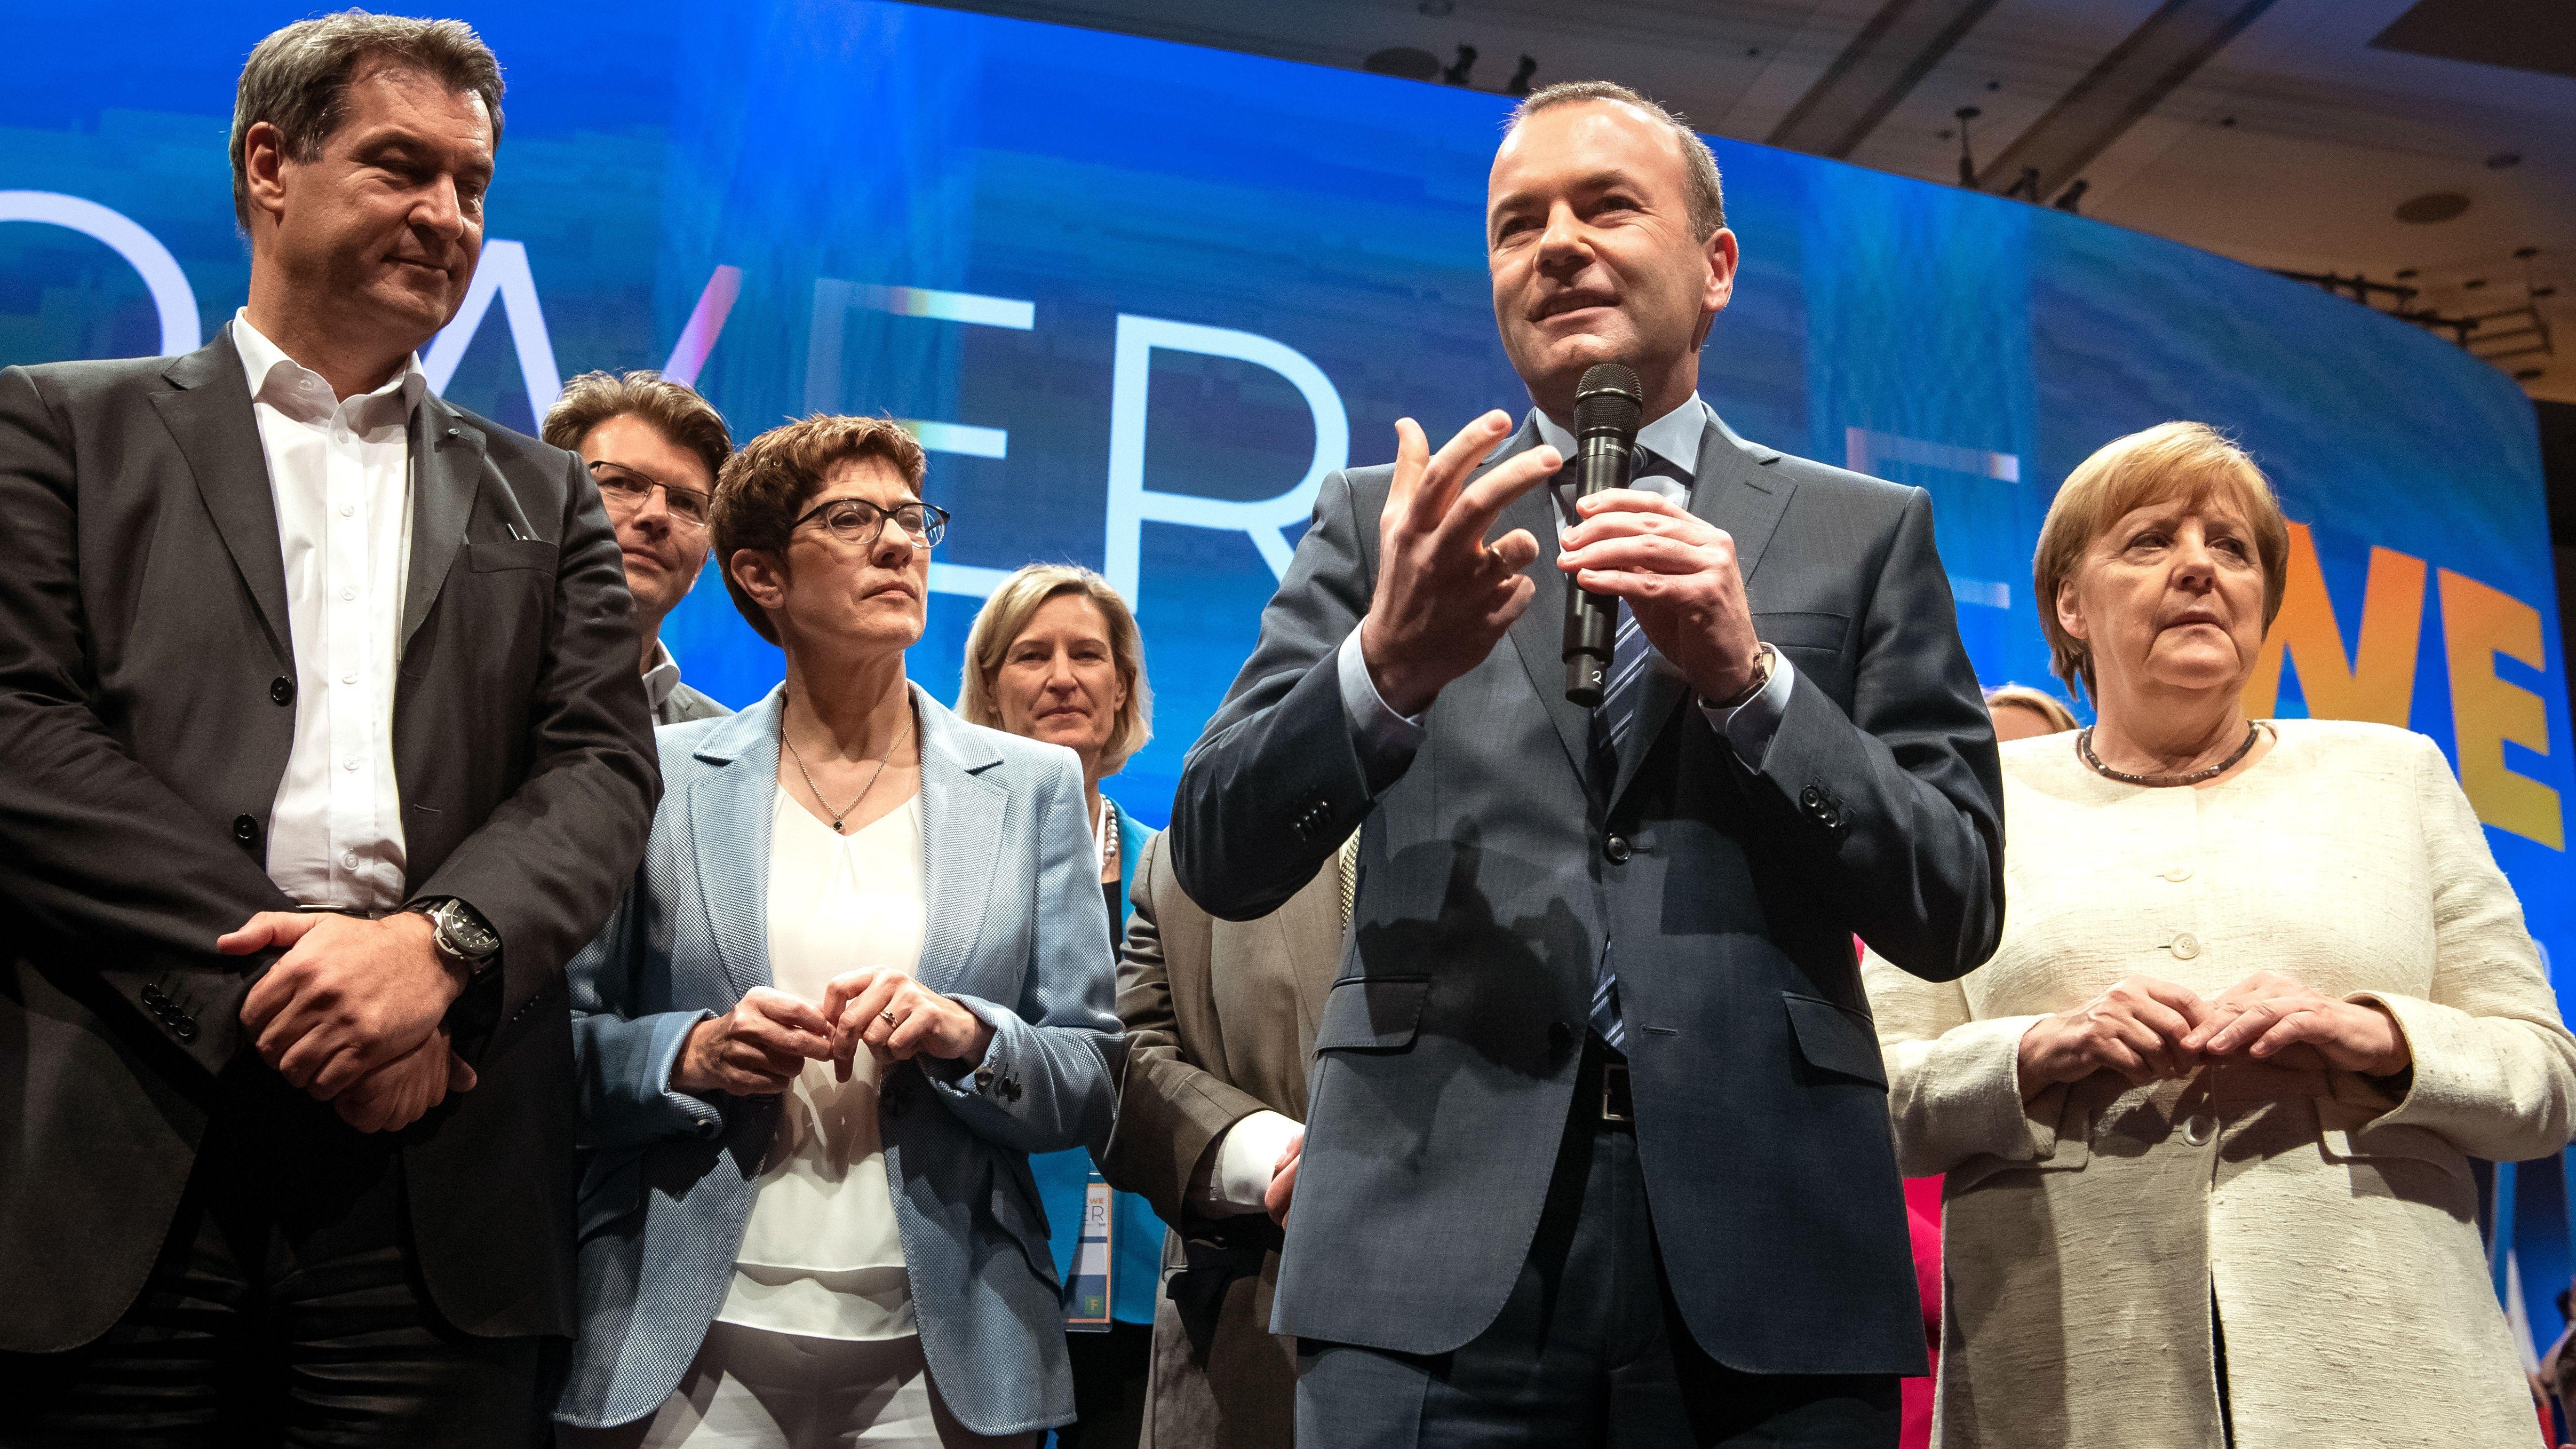 Markus Söder (CSU), Annegret Kramp-Karrenbauer (CDU), Manfred Weber (CSU) und Bundeskanzlerin Angela Merkel (CDU) bei der EVP-Abschlusskundgebung